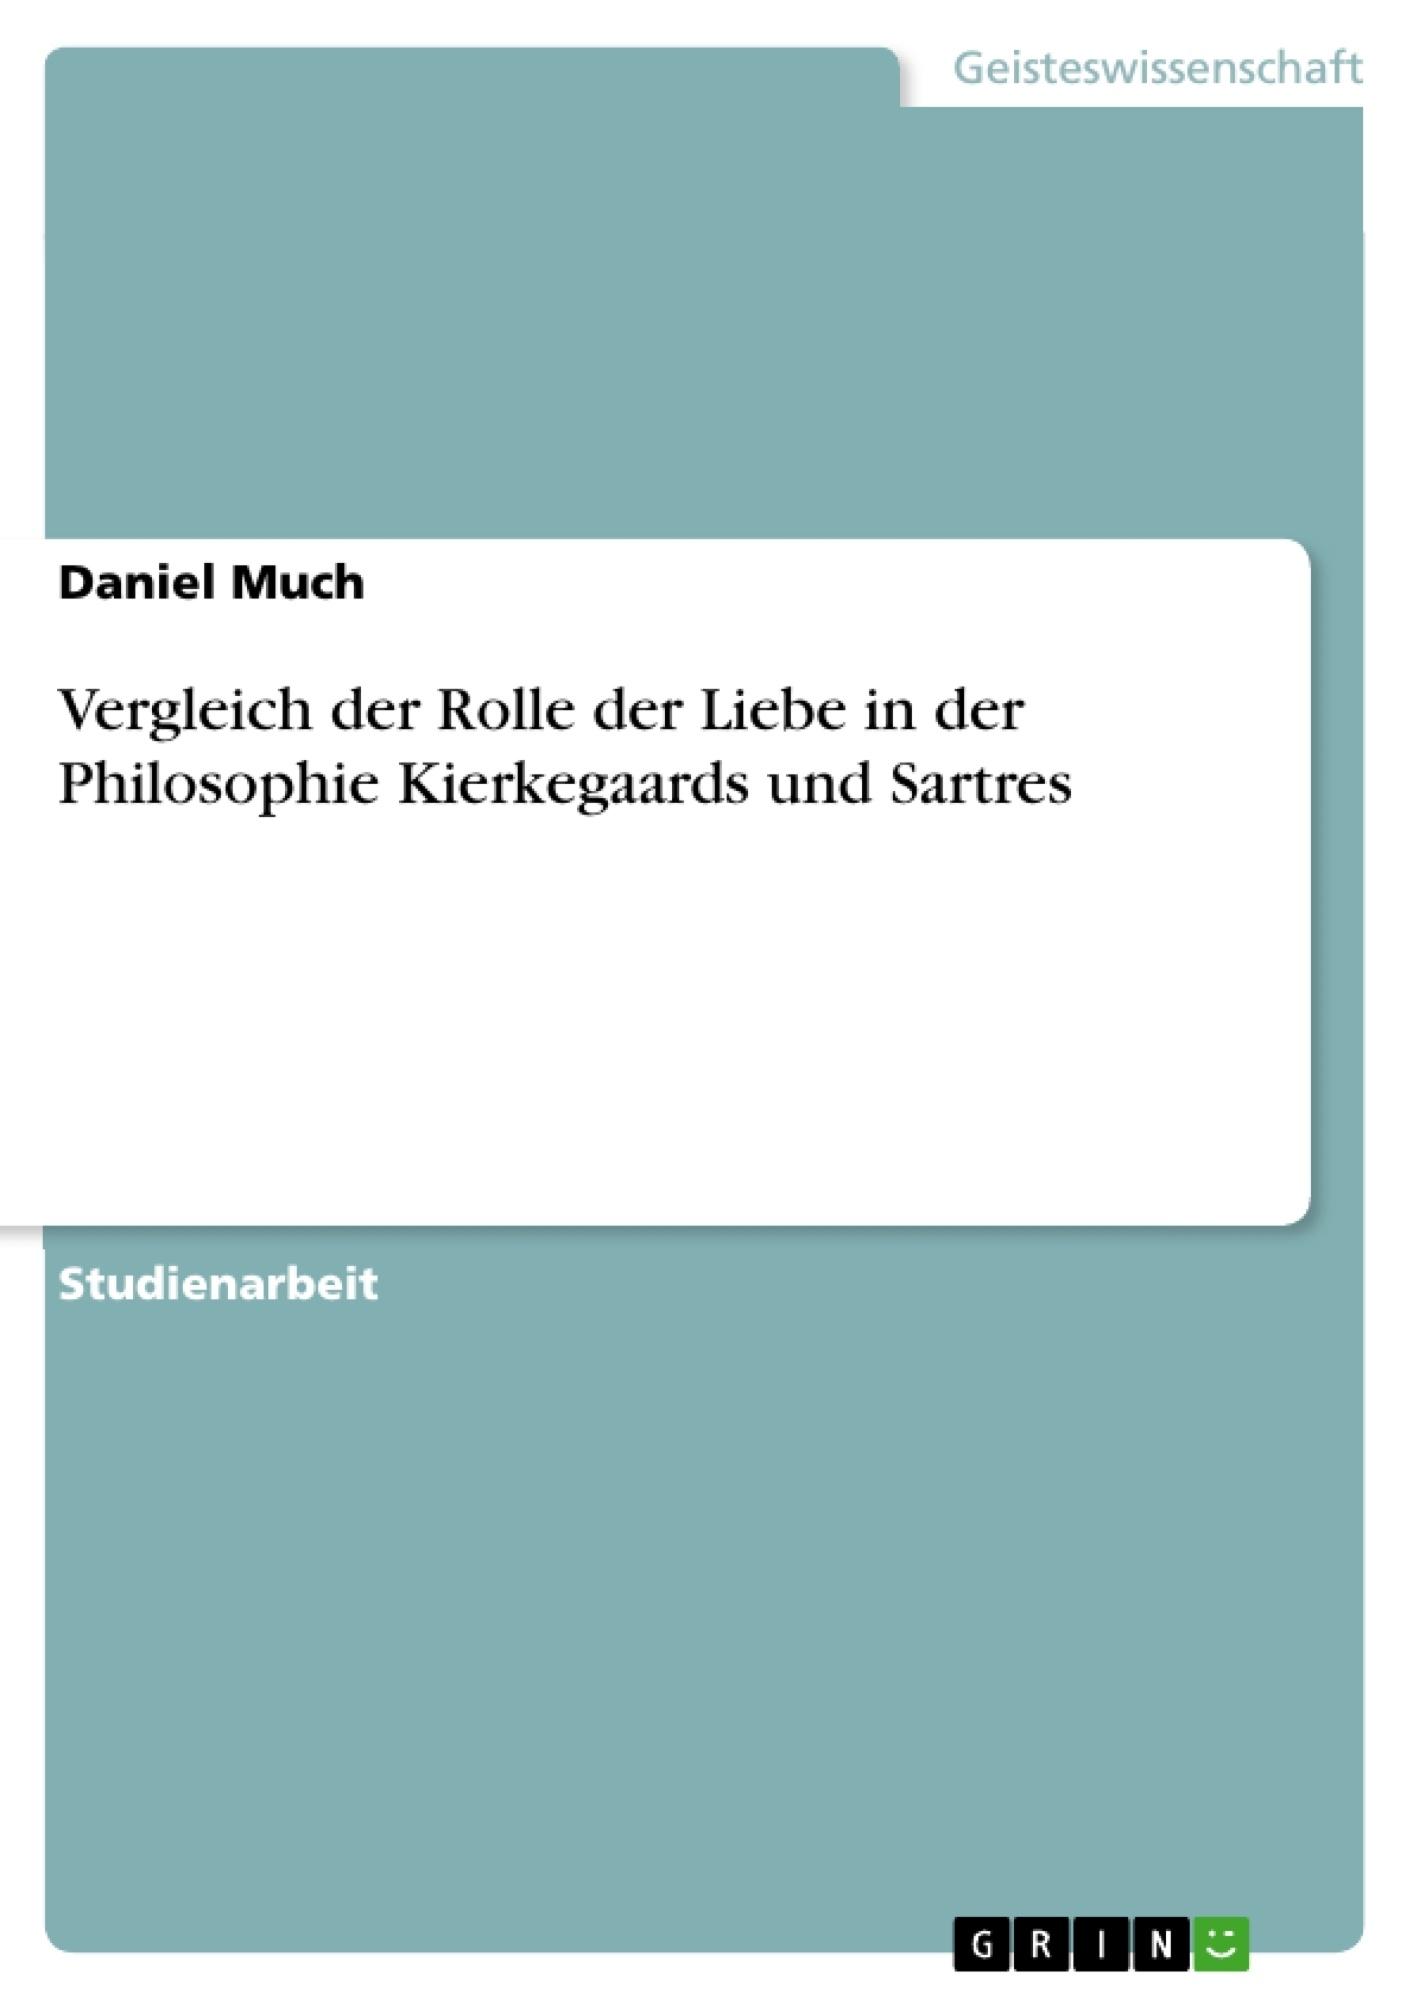 Titel: Vergleich der Rolle der Liebe in der Philosophie Kierkegaards und Sartres